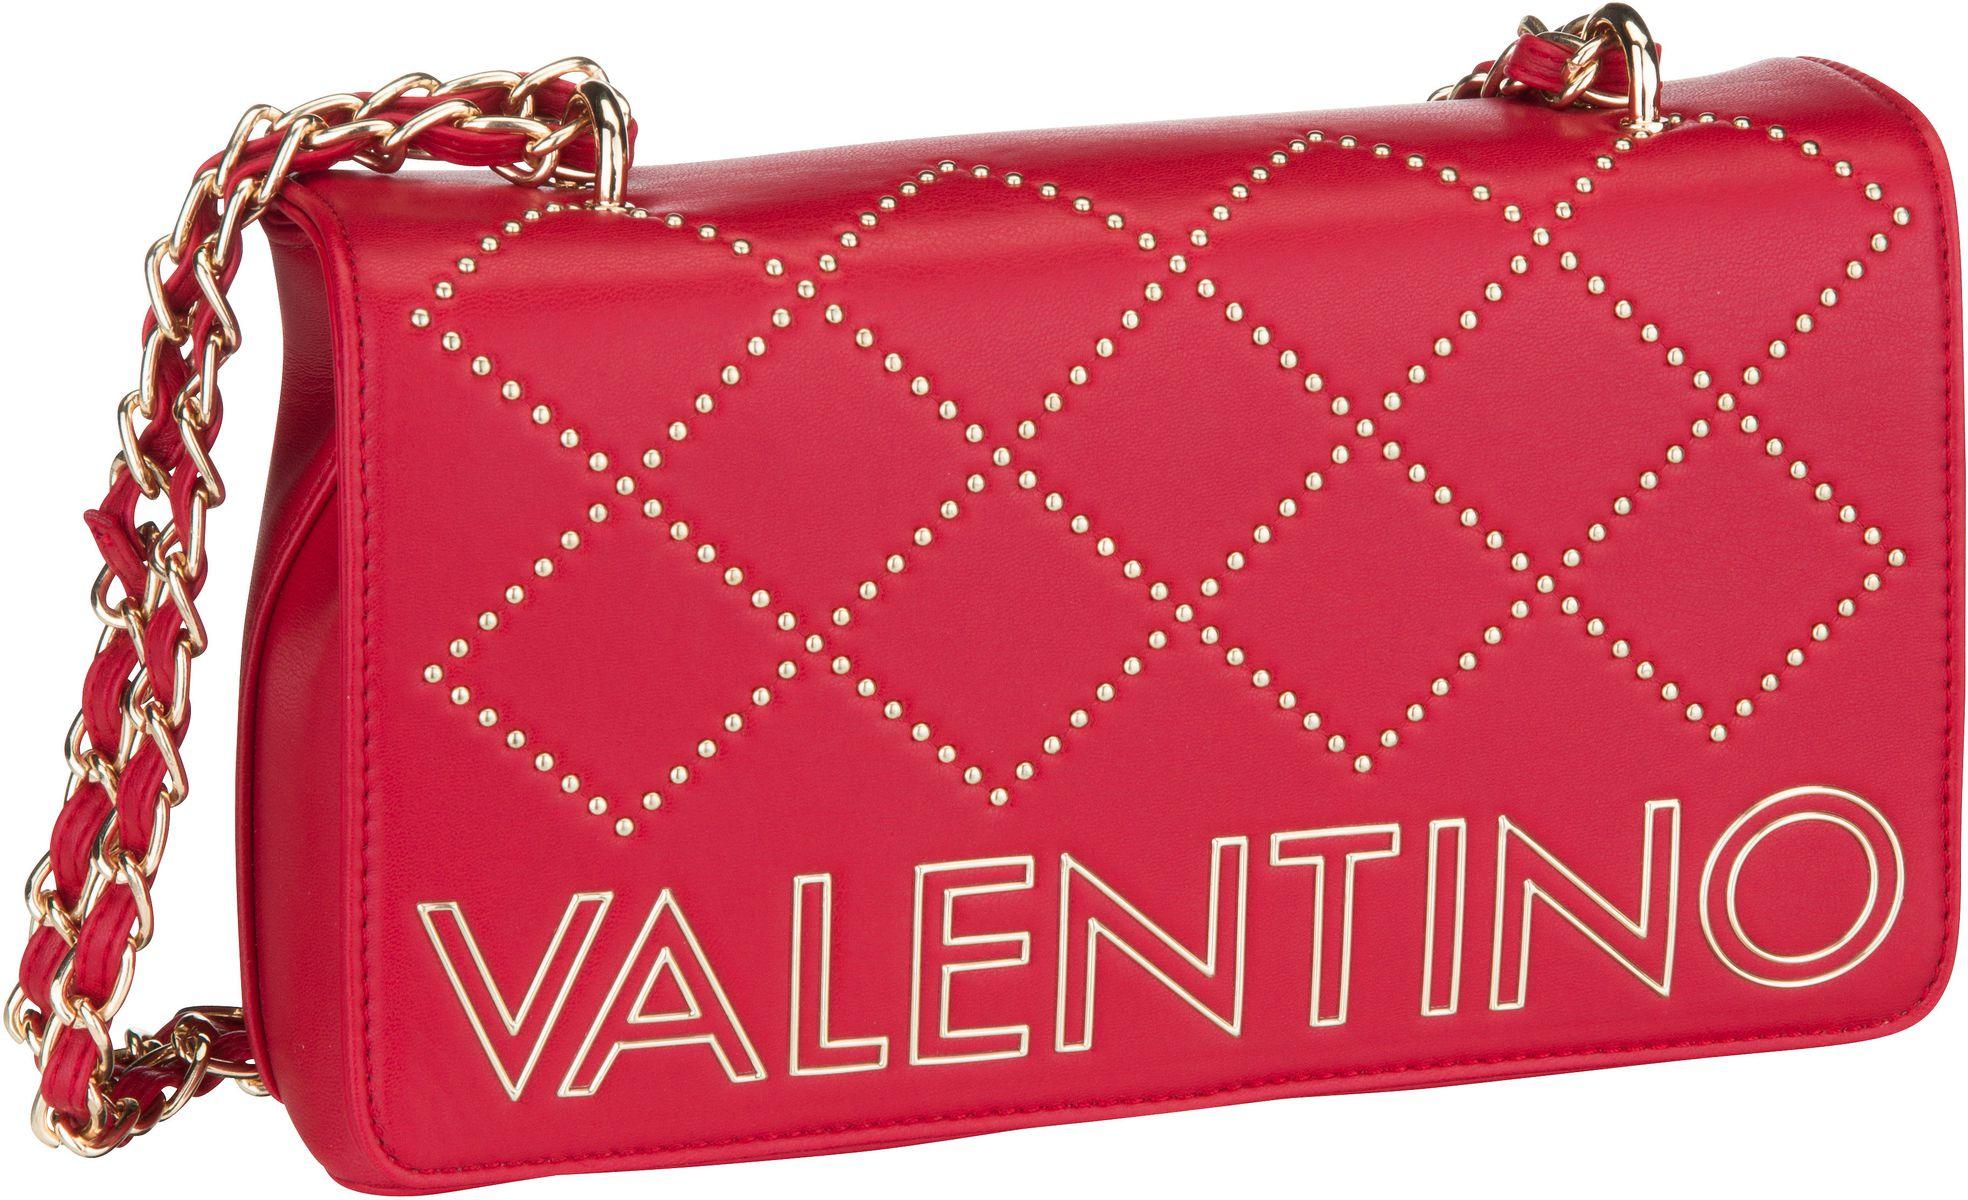 Bags Umhängetasche Mandolino Pattina I03 Rosso